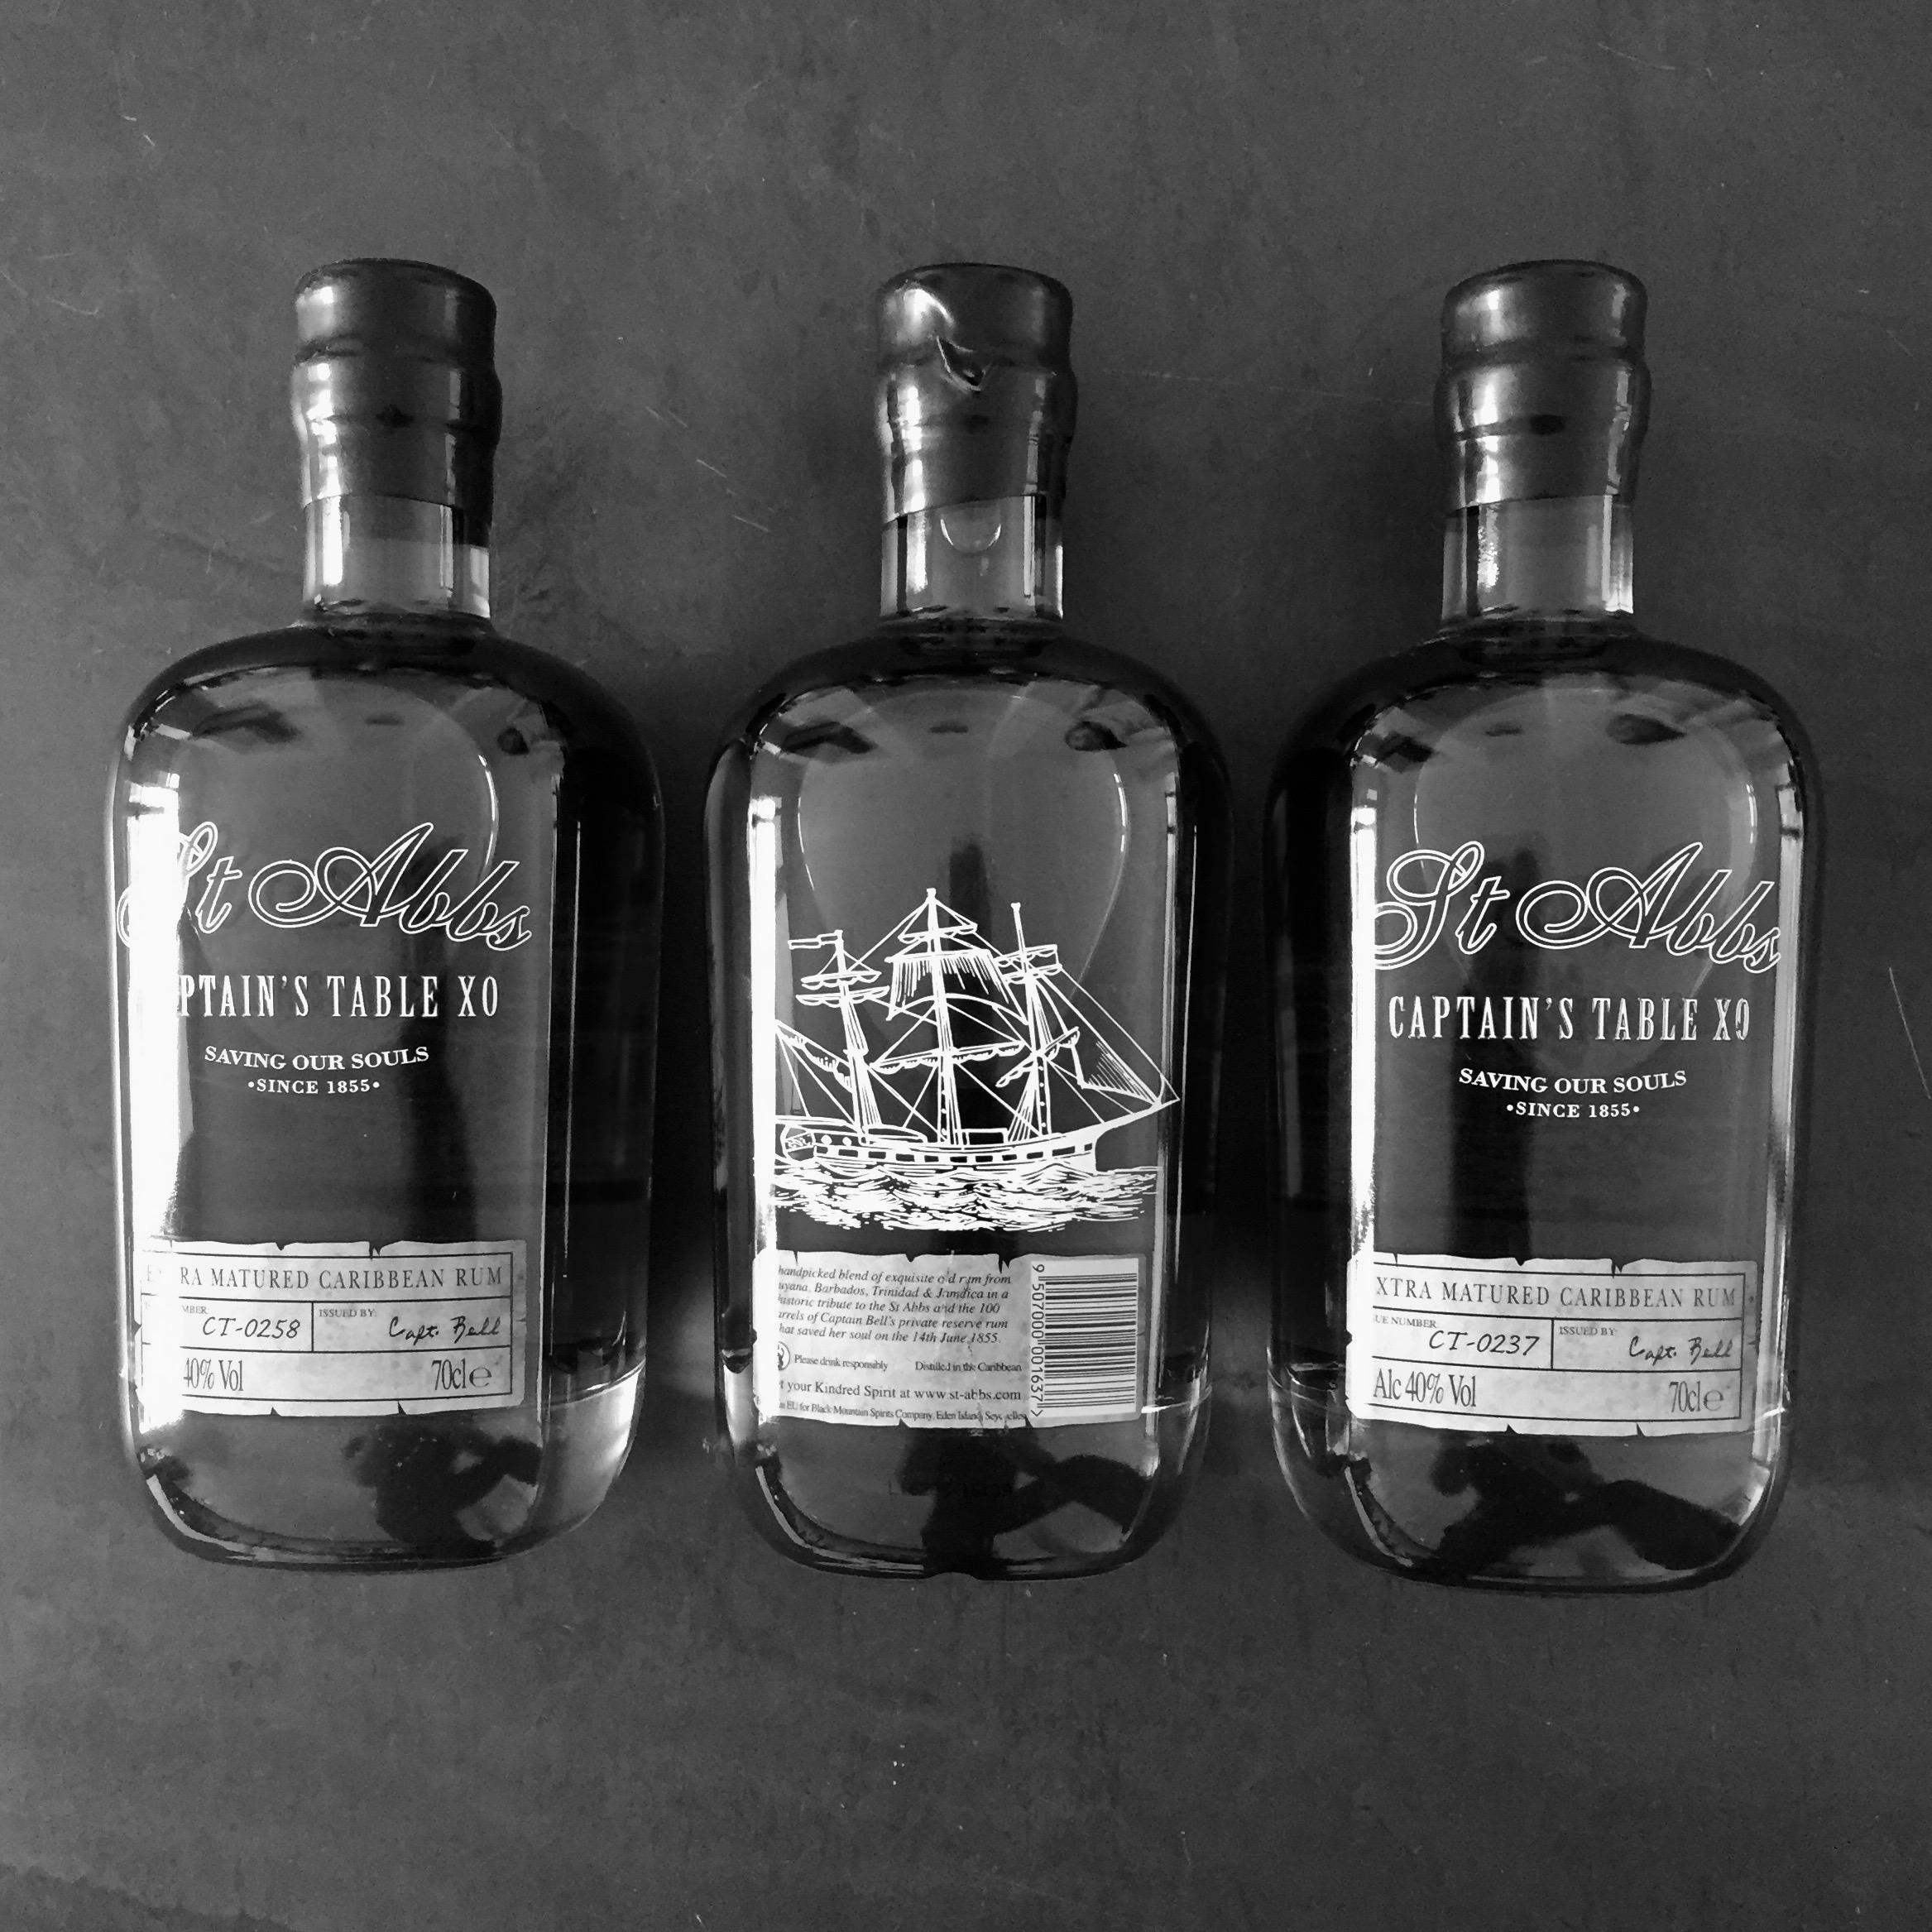 St Abbs Captain's Table XO Bottles